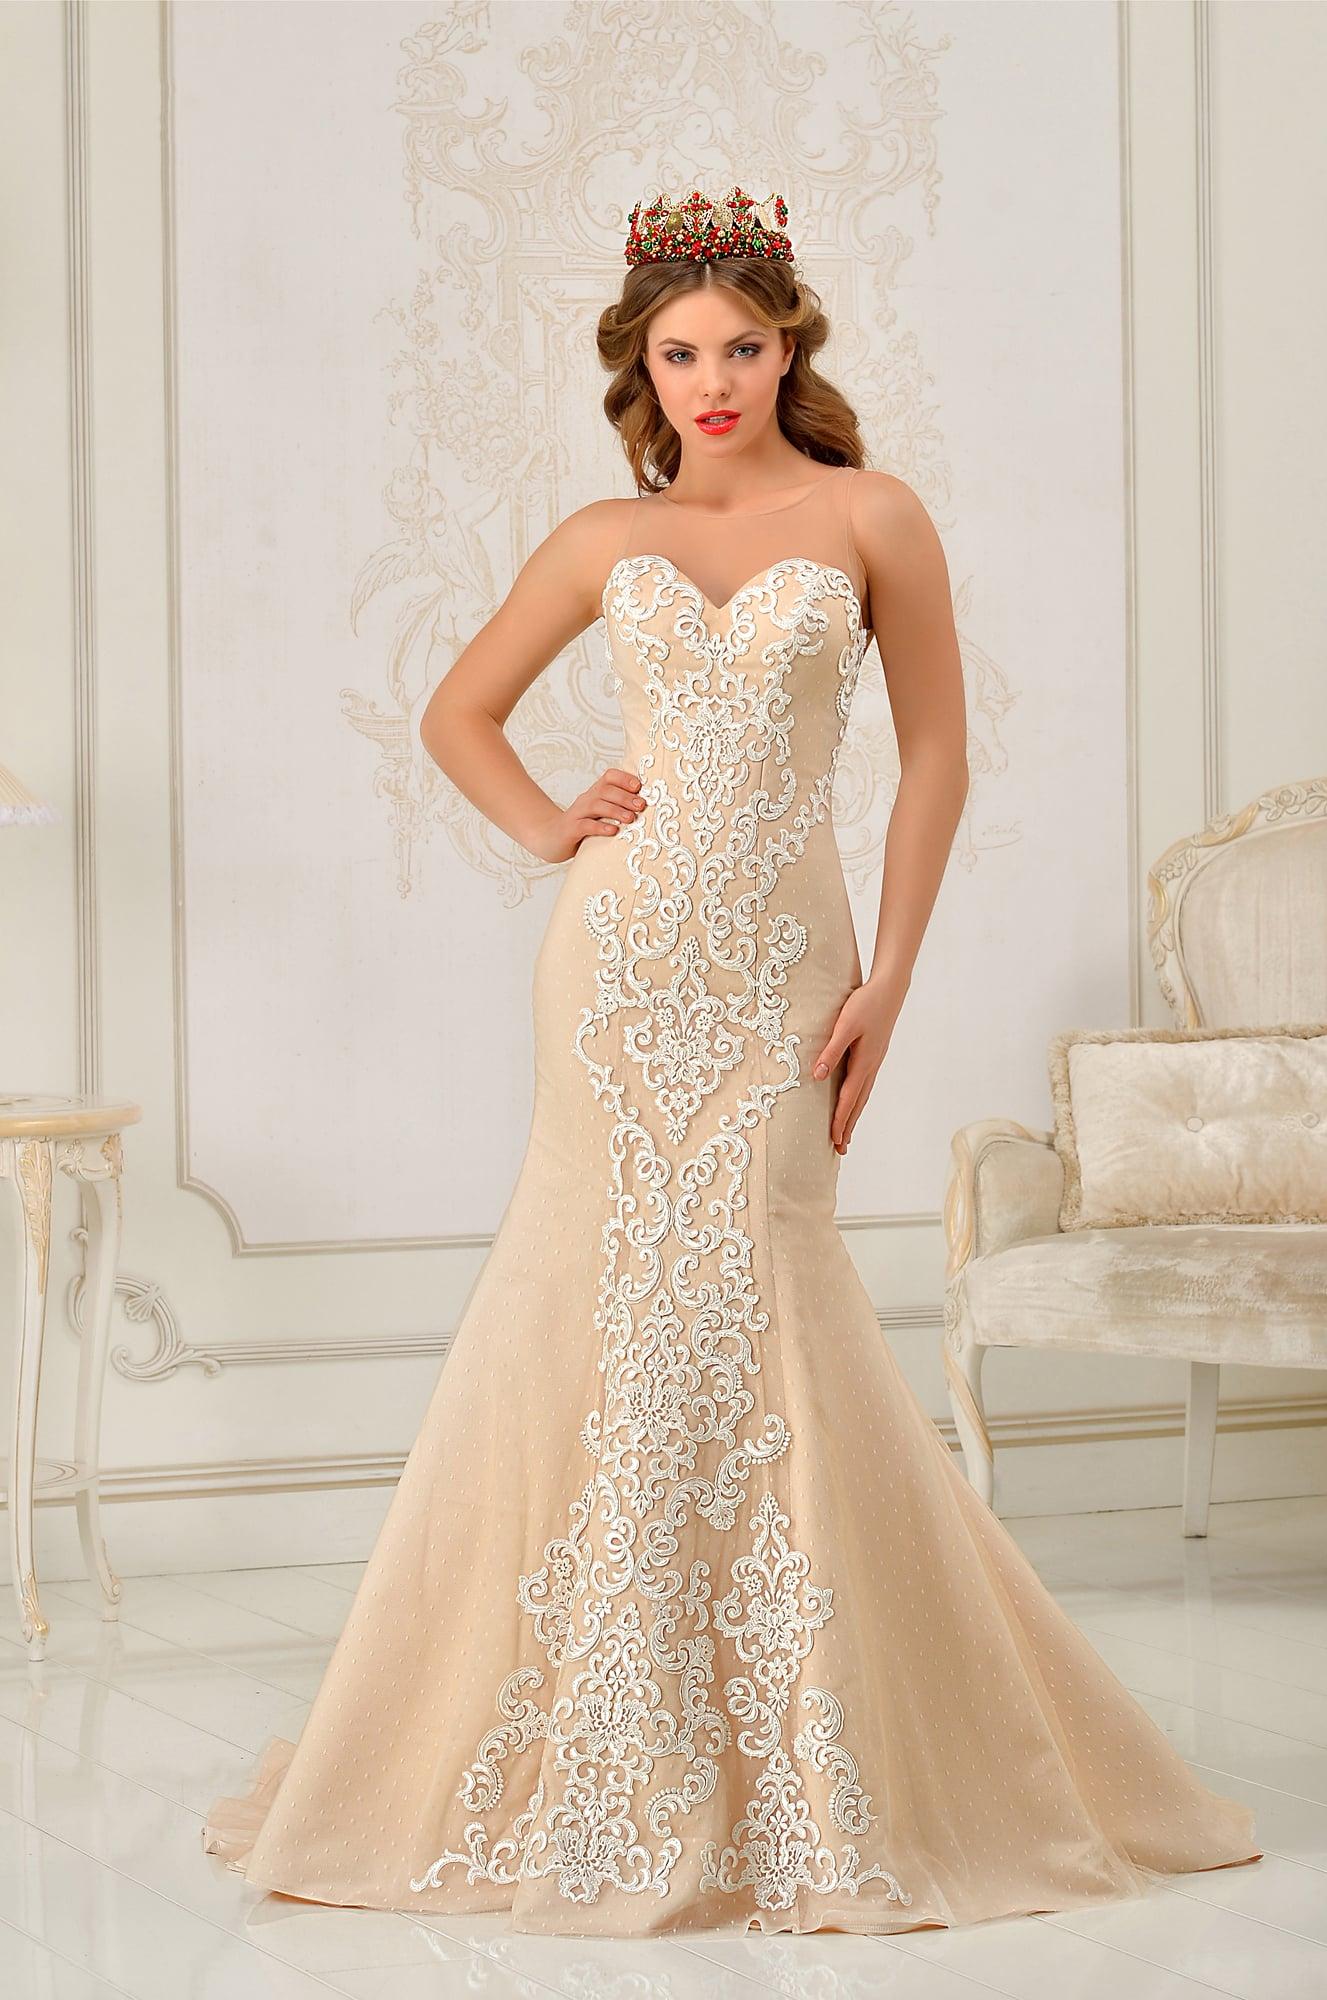 9ff61d8e3ad Открытое свадебное платье силуэта «рыбка» бежевого цвета с белоснежной  отделкой.